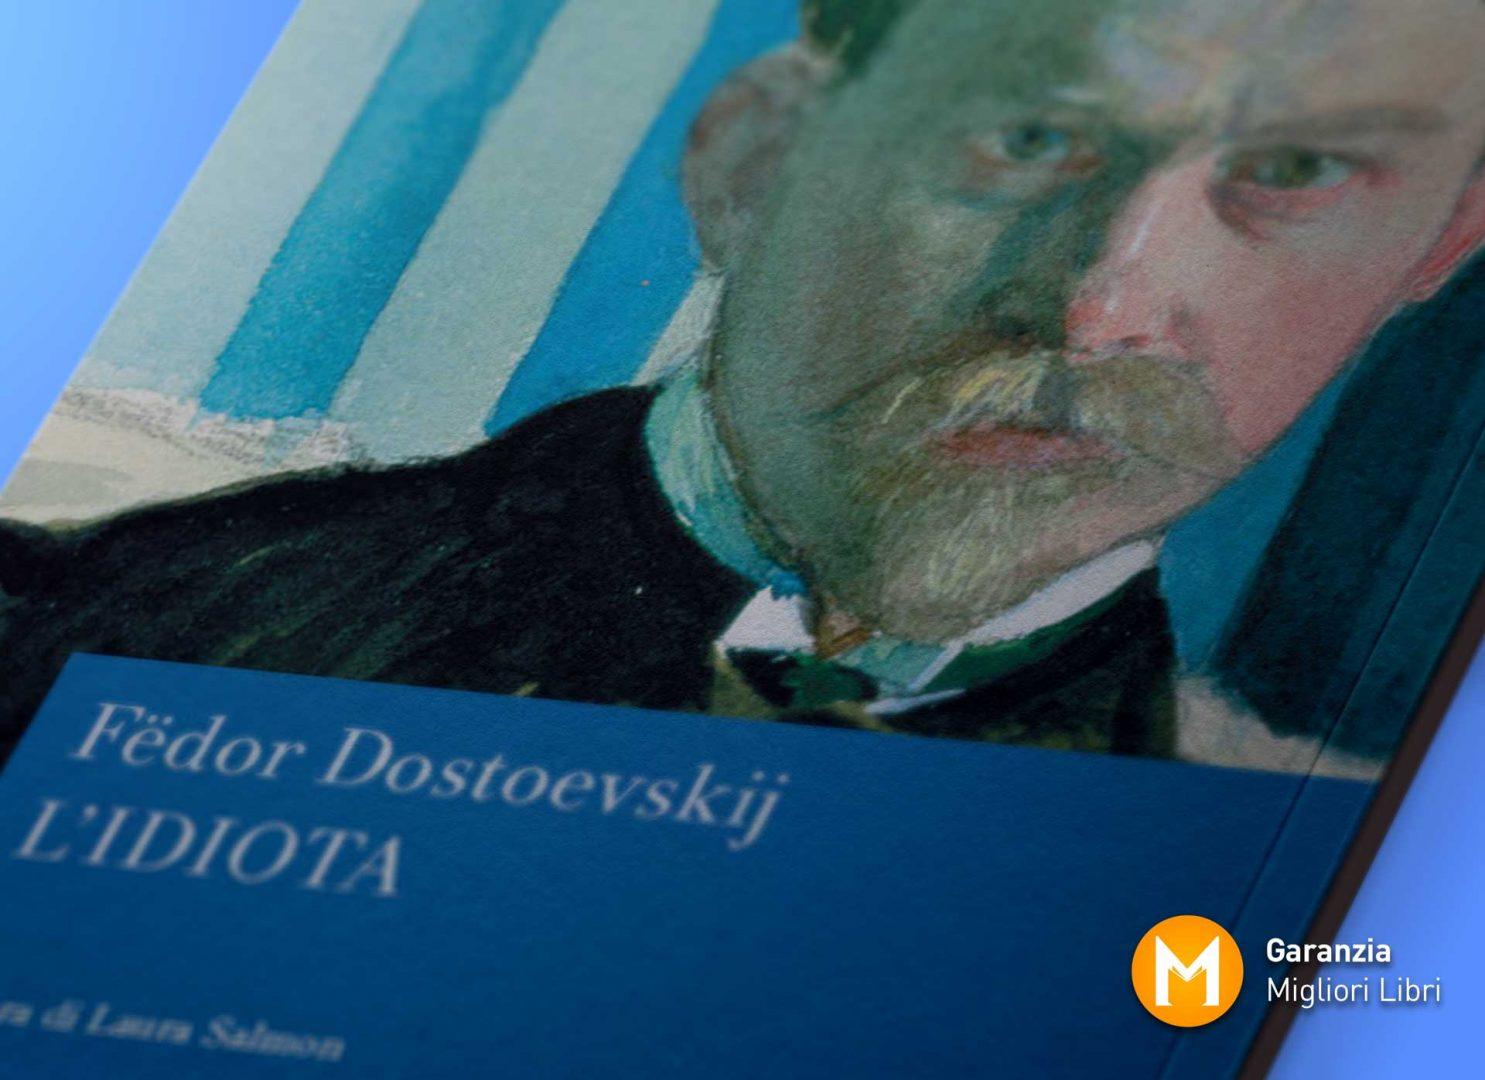 dostoevskij-l'idiota-libro-migliore